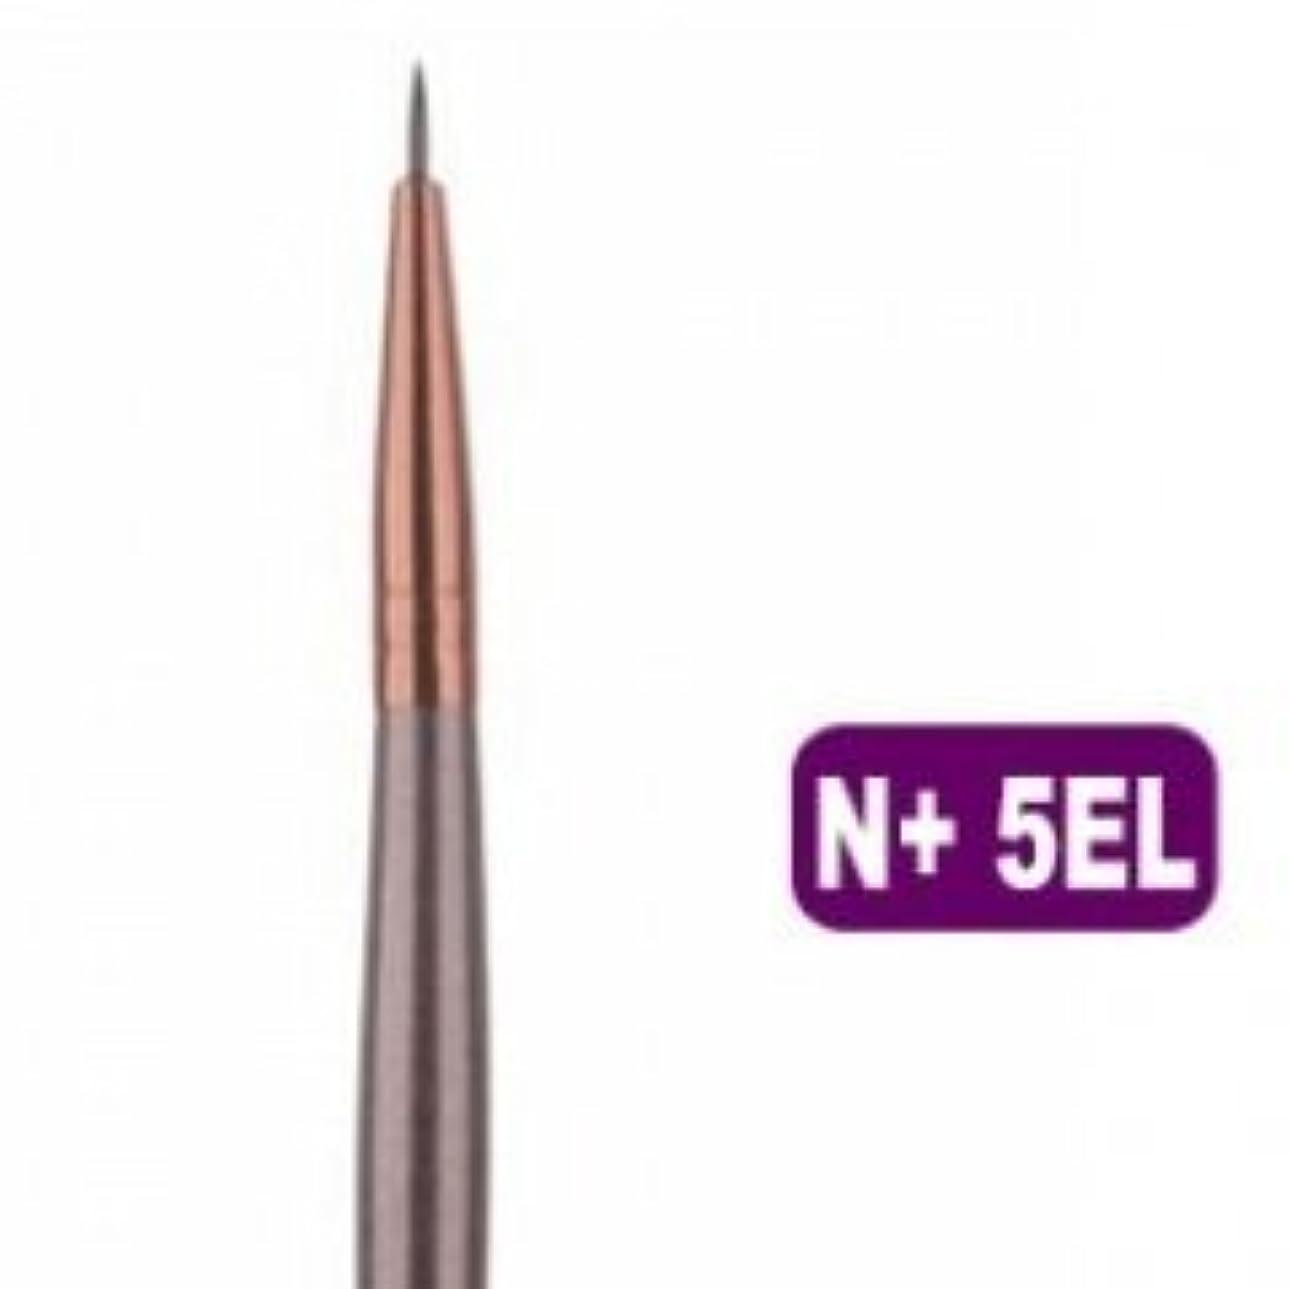 役に立つ粘り強い揺れるメイクブラシ 化粧筆 アイラインブラシ 極細 N+ 5EL